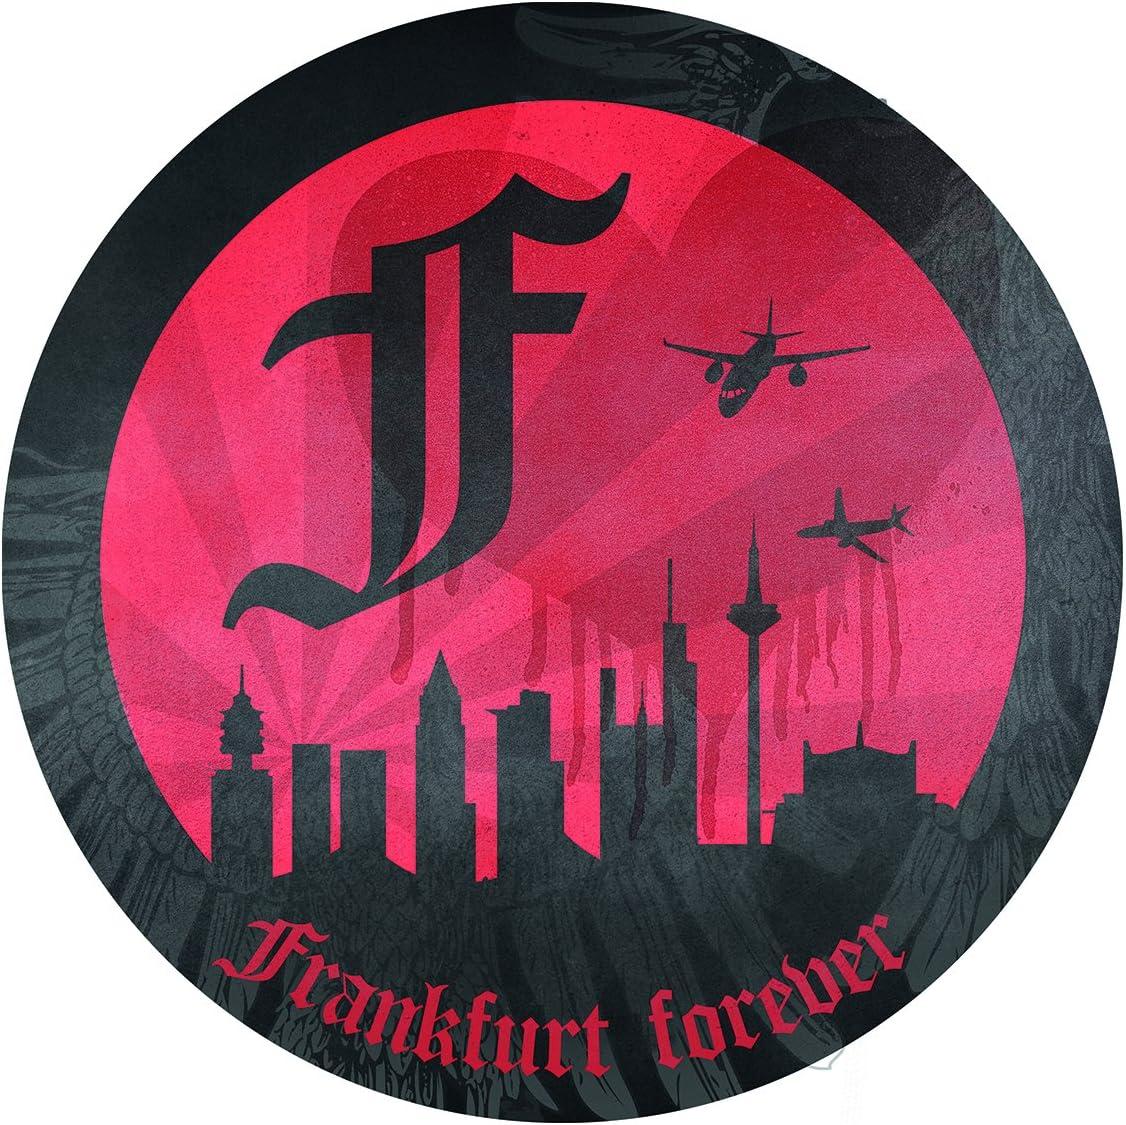 /Plus autocollant Forever Francfort gratuit Eintracht Frankfurt Porte-cl/és Capsules/